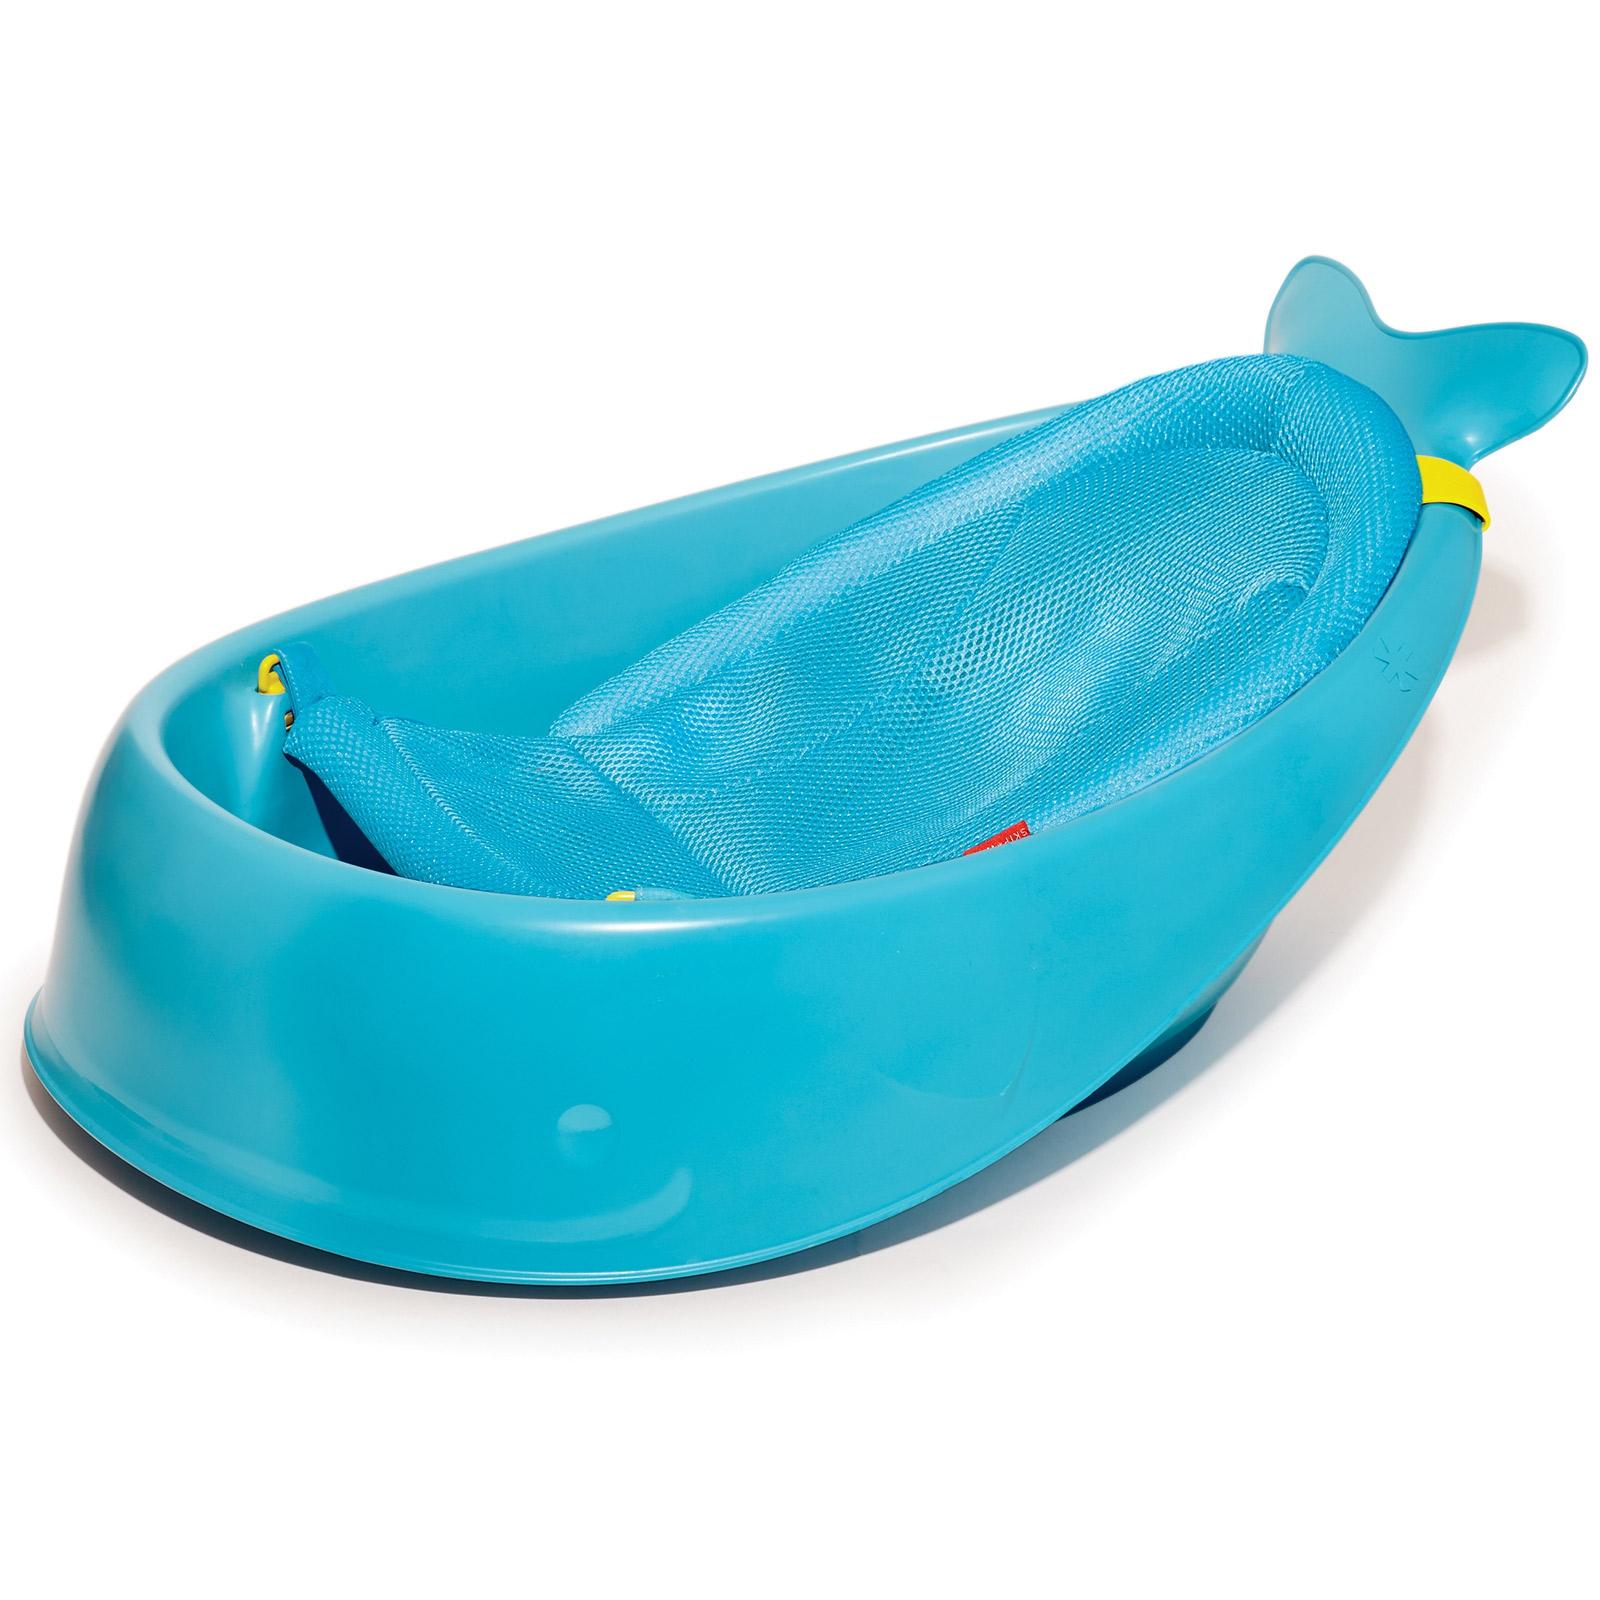 Baleine B/éb/é Support de Bain Infantile Douche Cadeau Coussin Baignoire Nouveau-N/é B/éb/é Chambre de B/éb/é Oreiller baleine Bleu